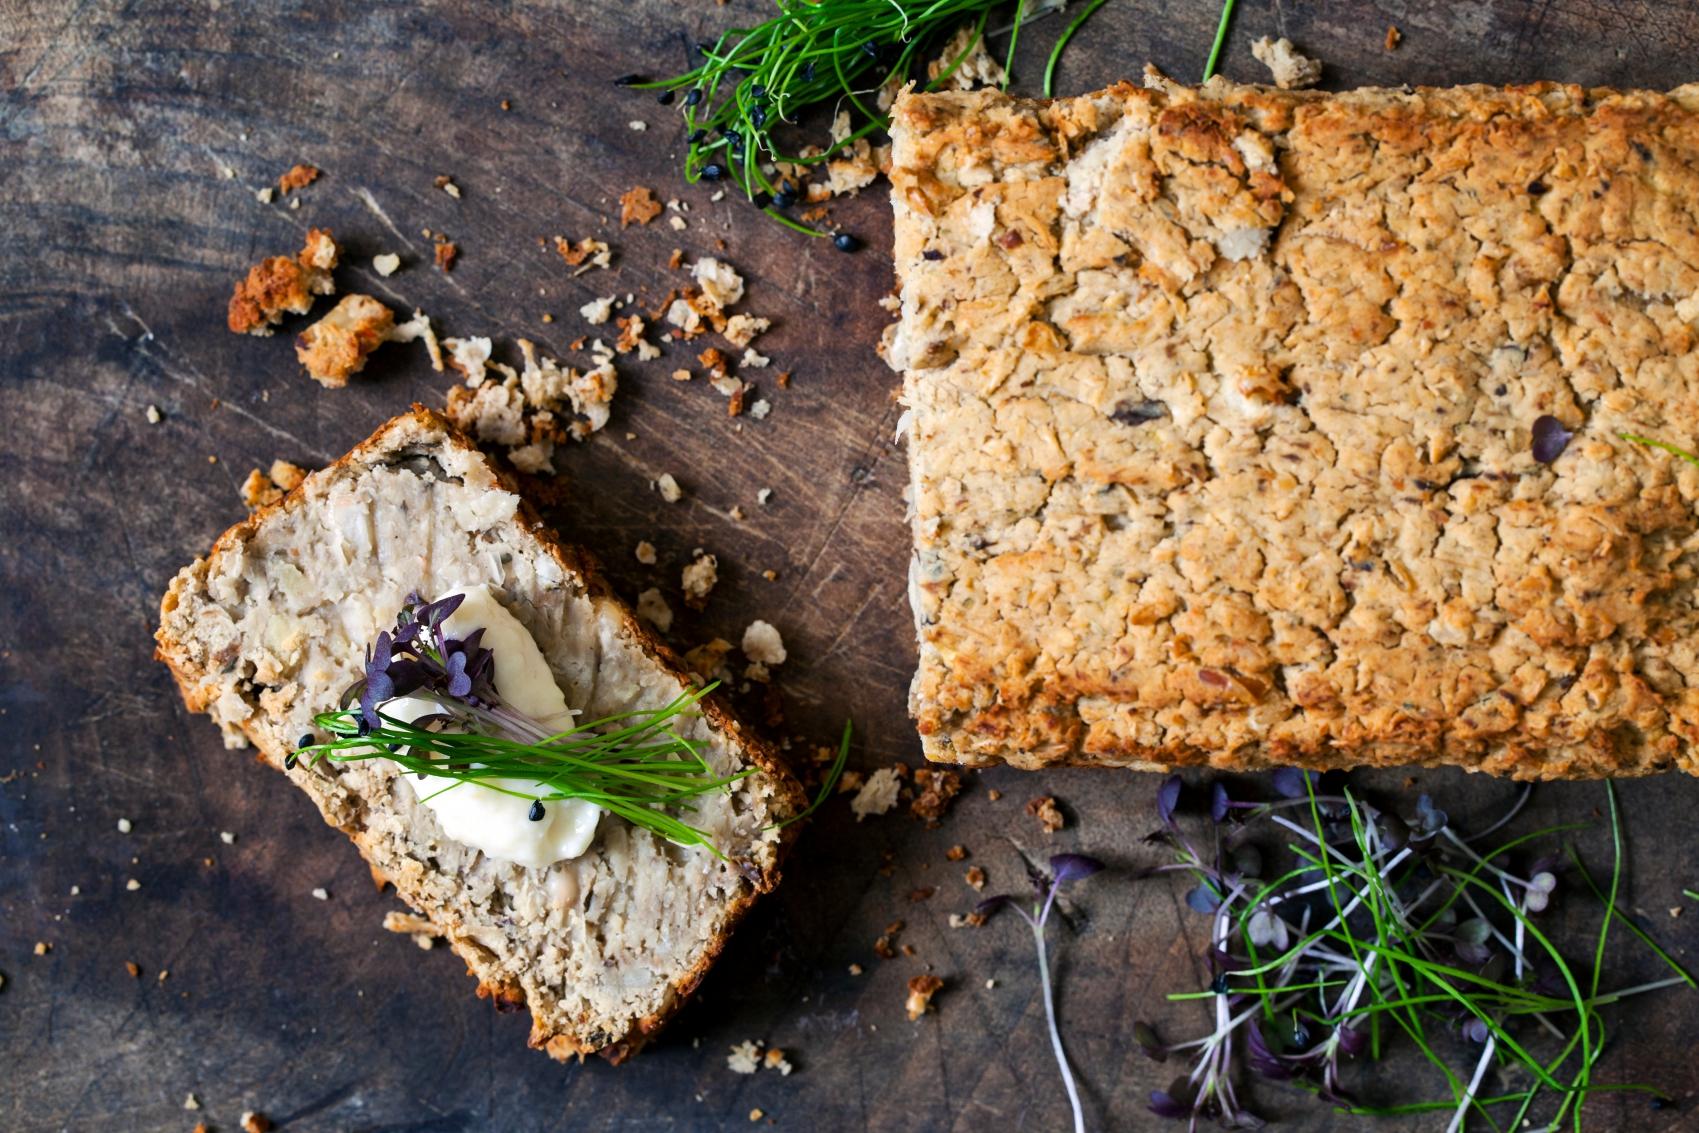 Wielkanoc: Pasztet wegetariański od Anny Lewandowskiej [PRZEPIS]